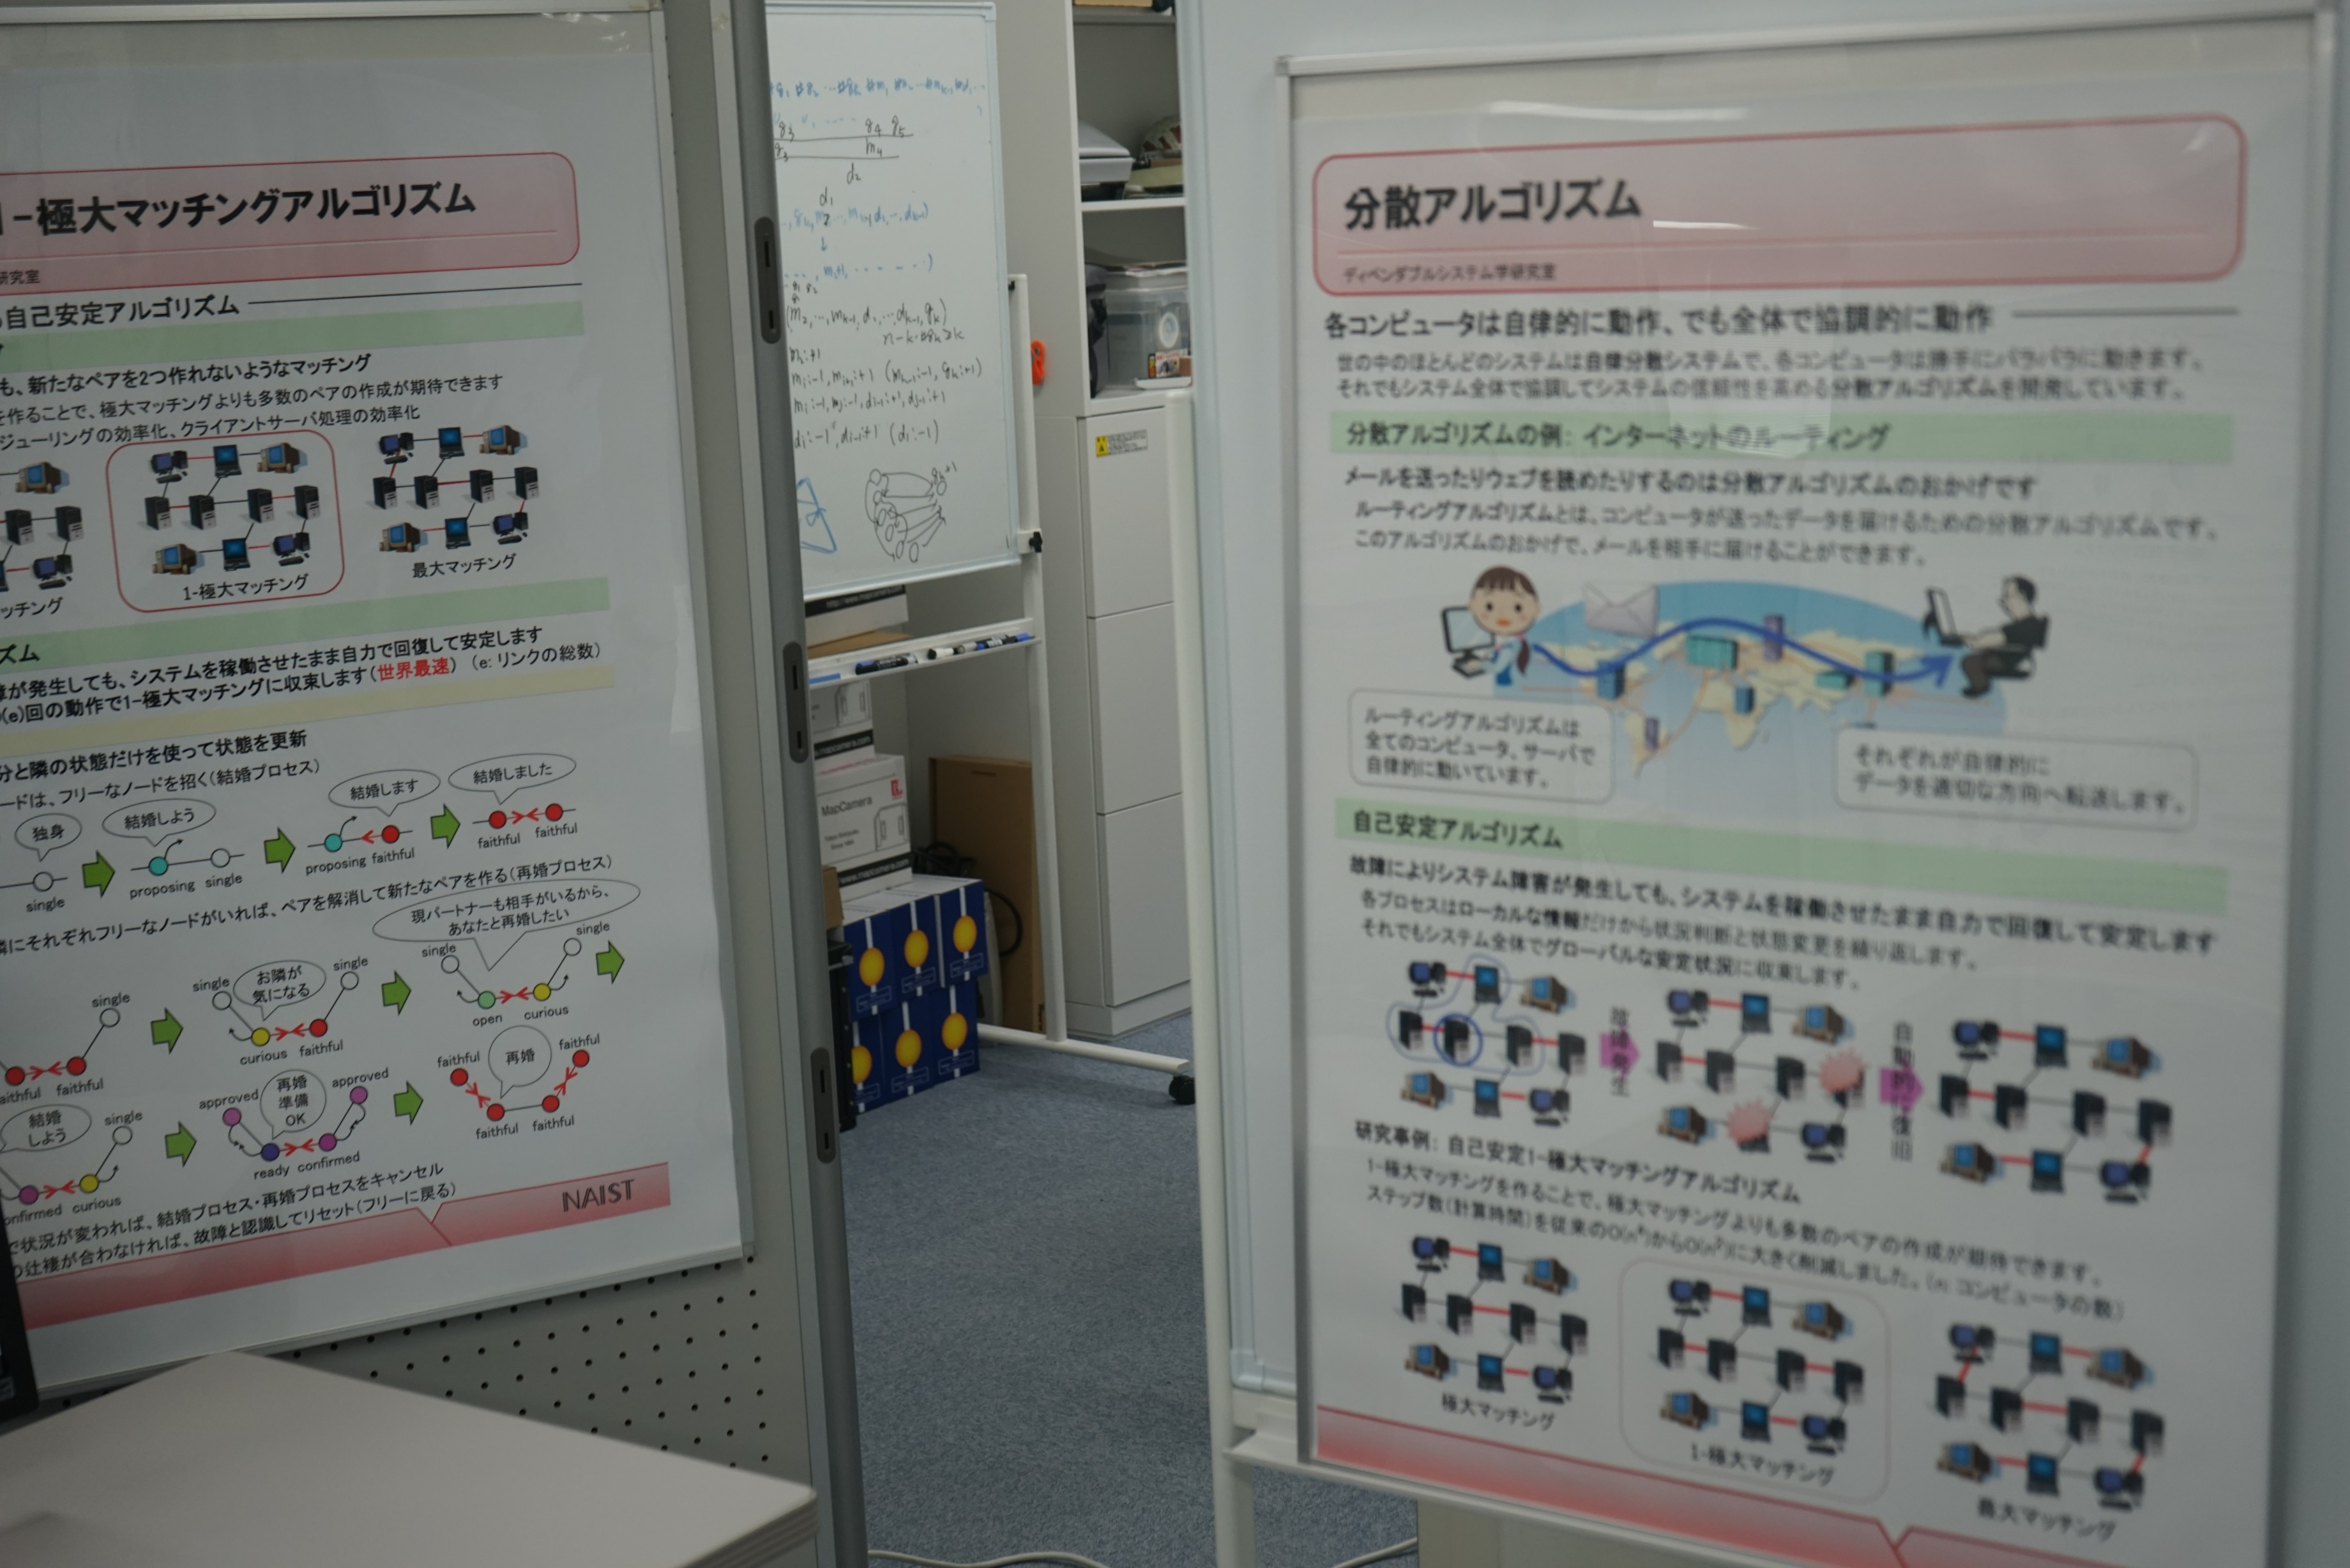 ここの研究室では分散アルゴリズムといった分散コンピューティングに関することを説明していました。